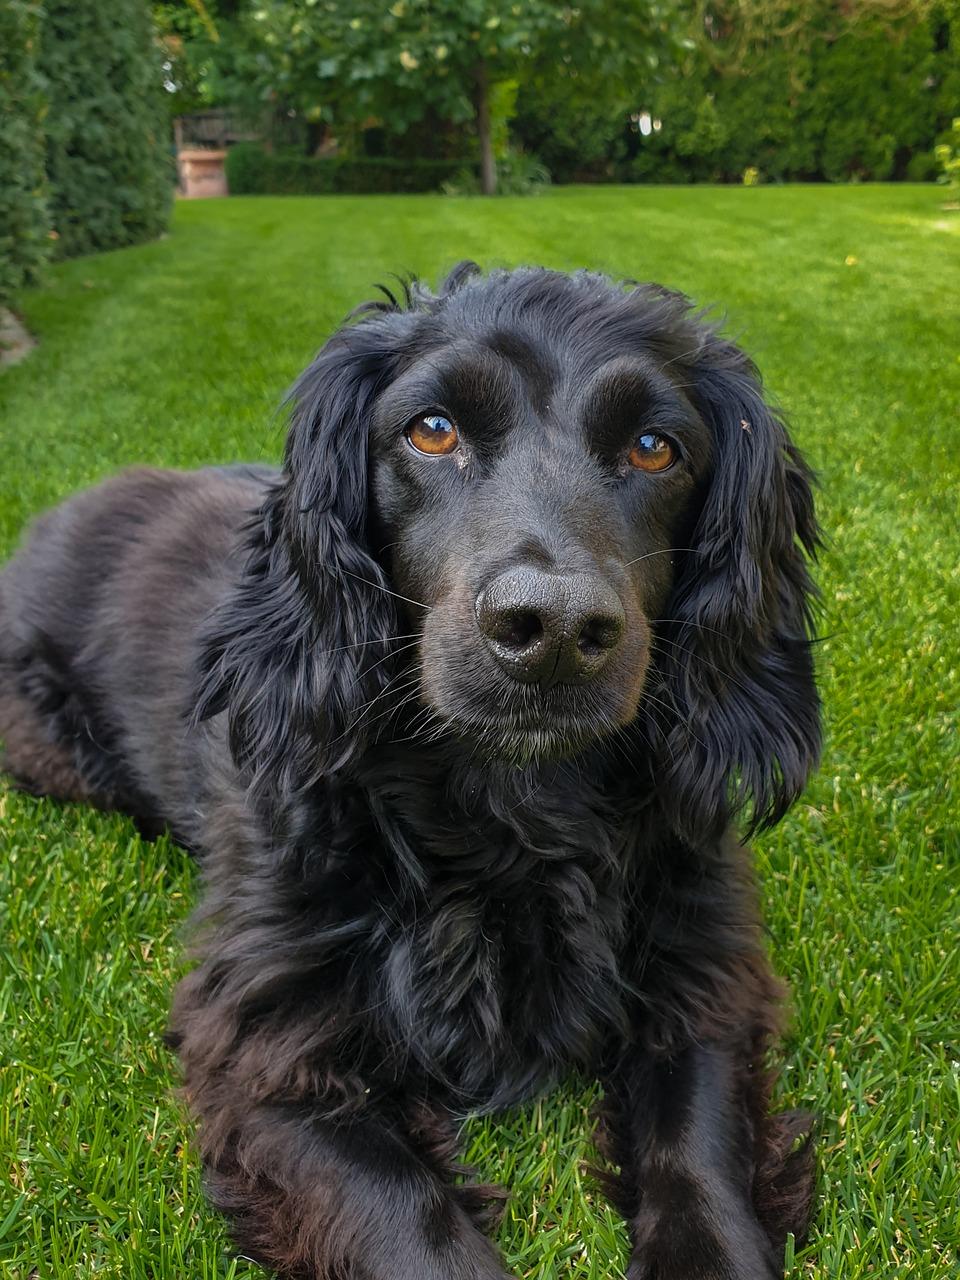 фото собак кокер спаниель черный поверхности салата, посыпанного